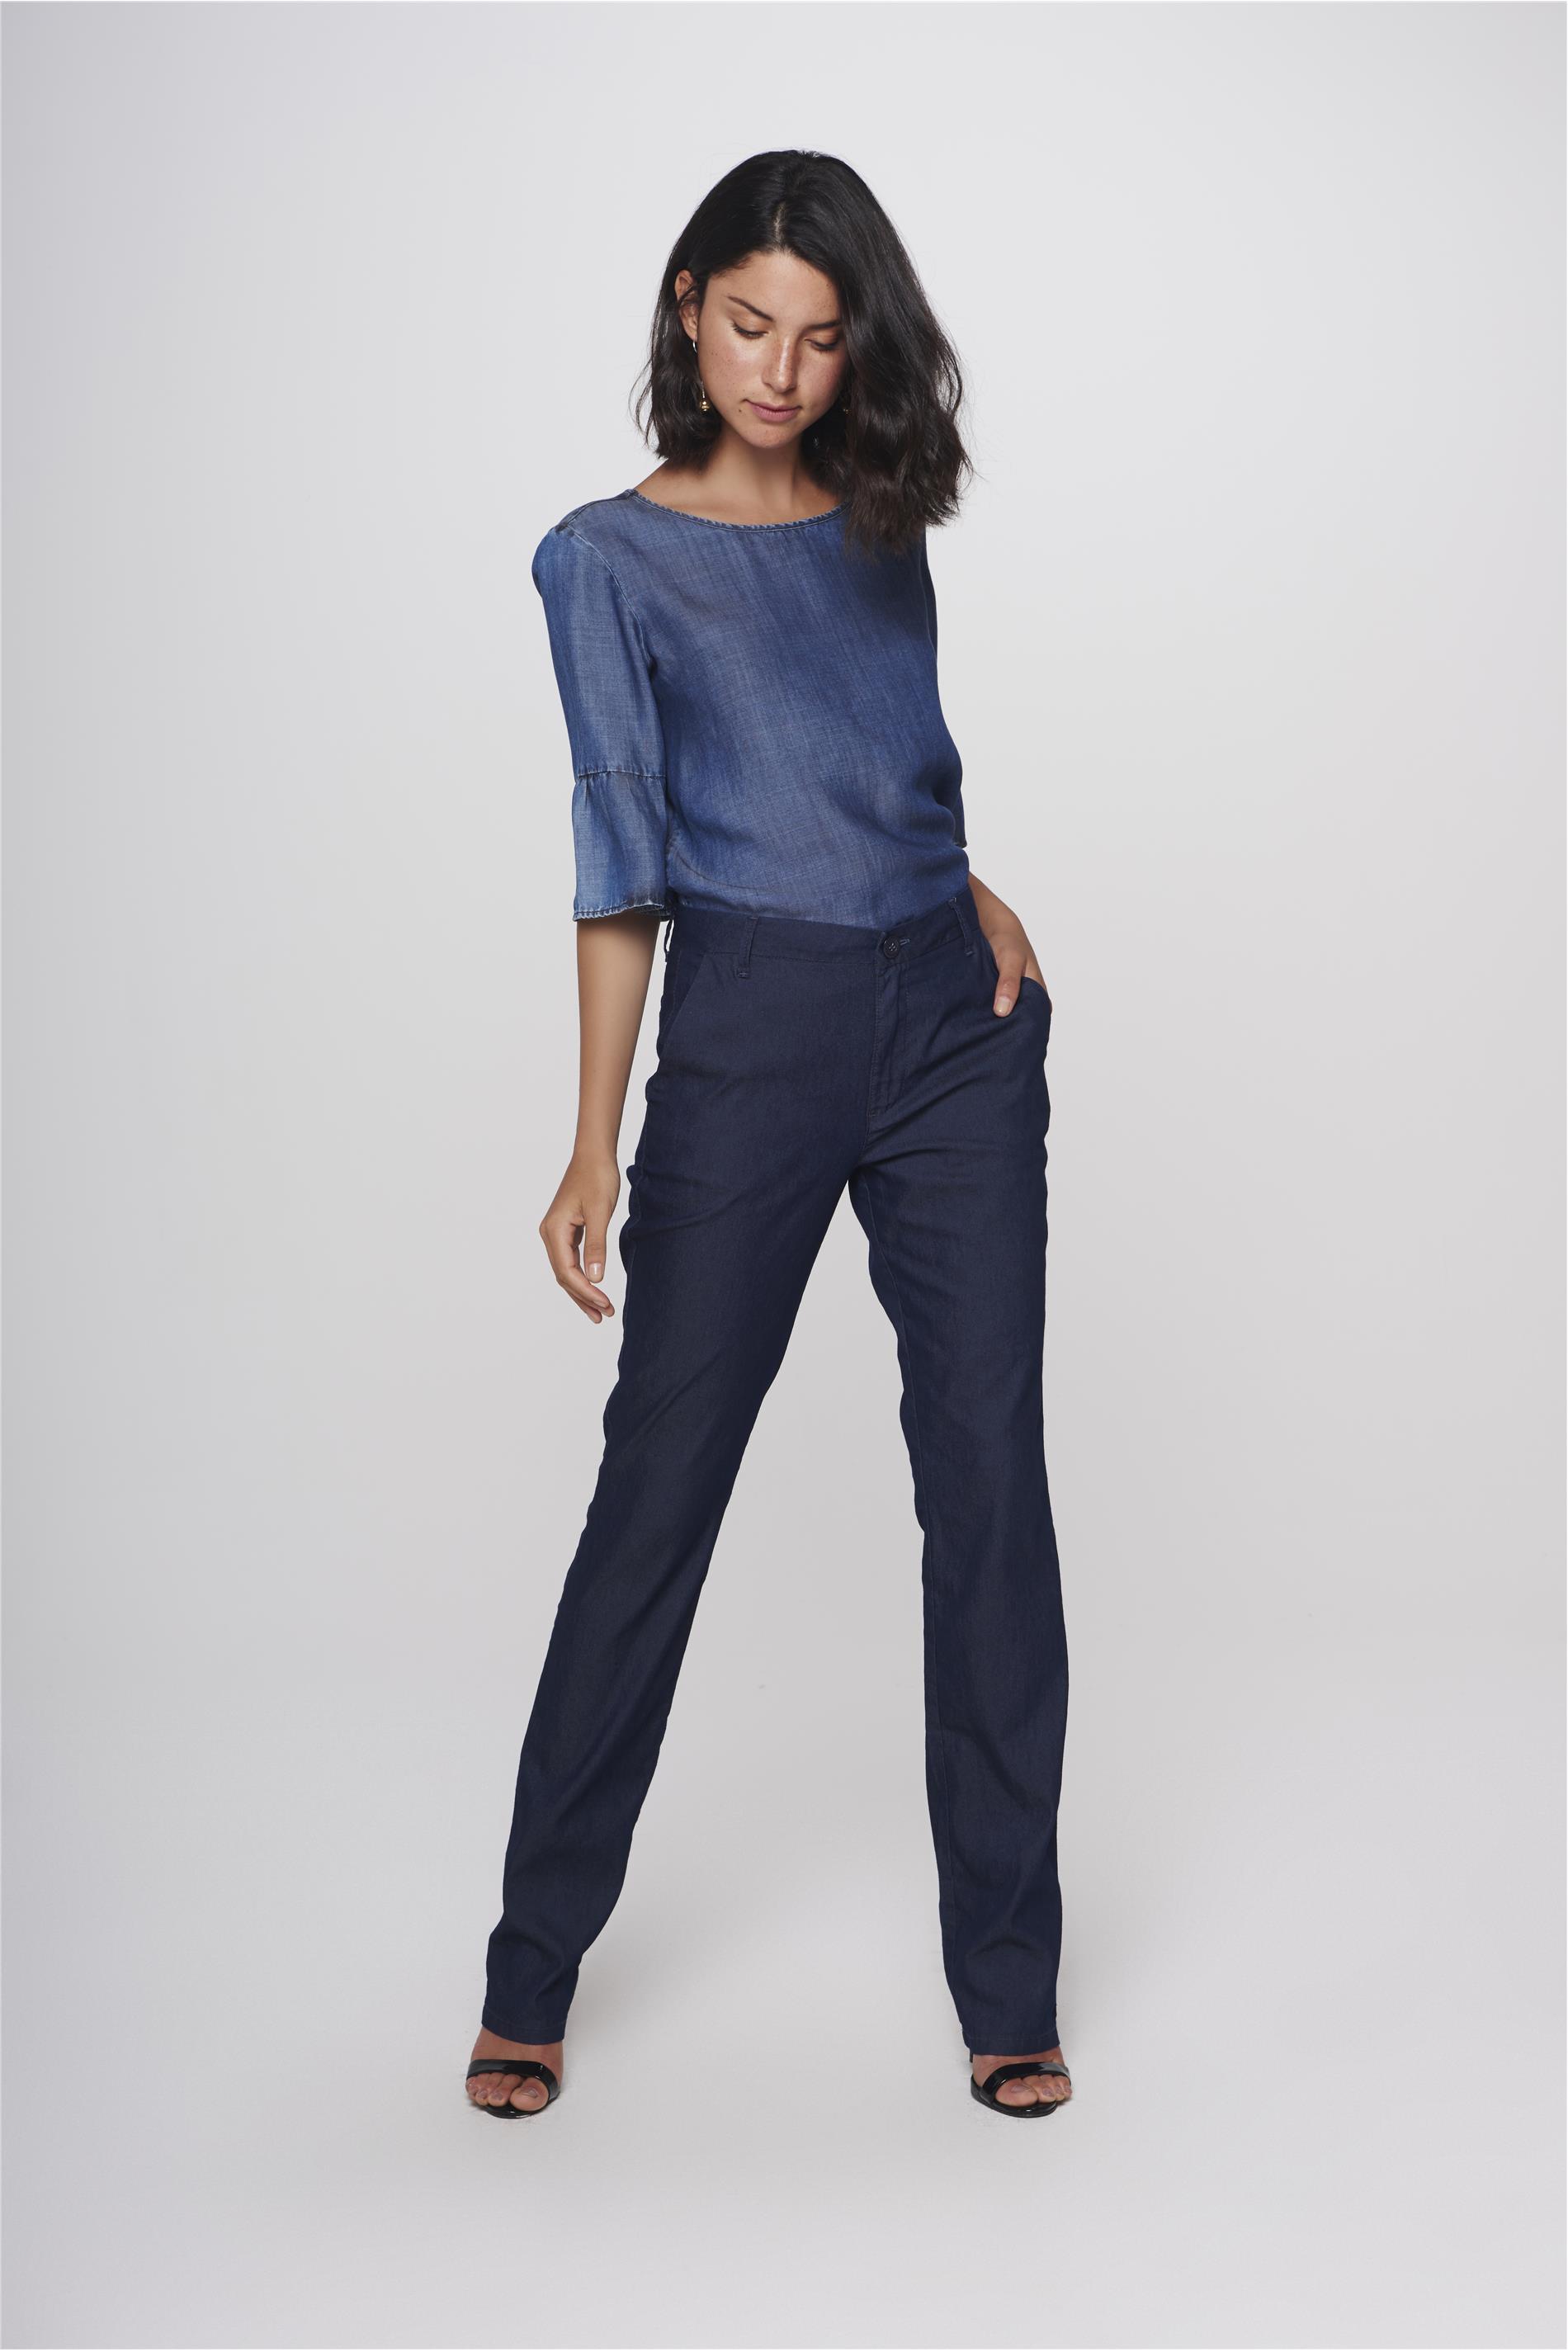 cf65a5012 Calça Jeans Reta de Alfaiataria Feminina - Damyller